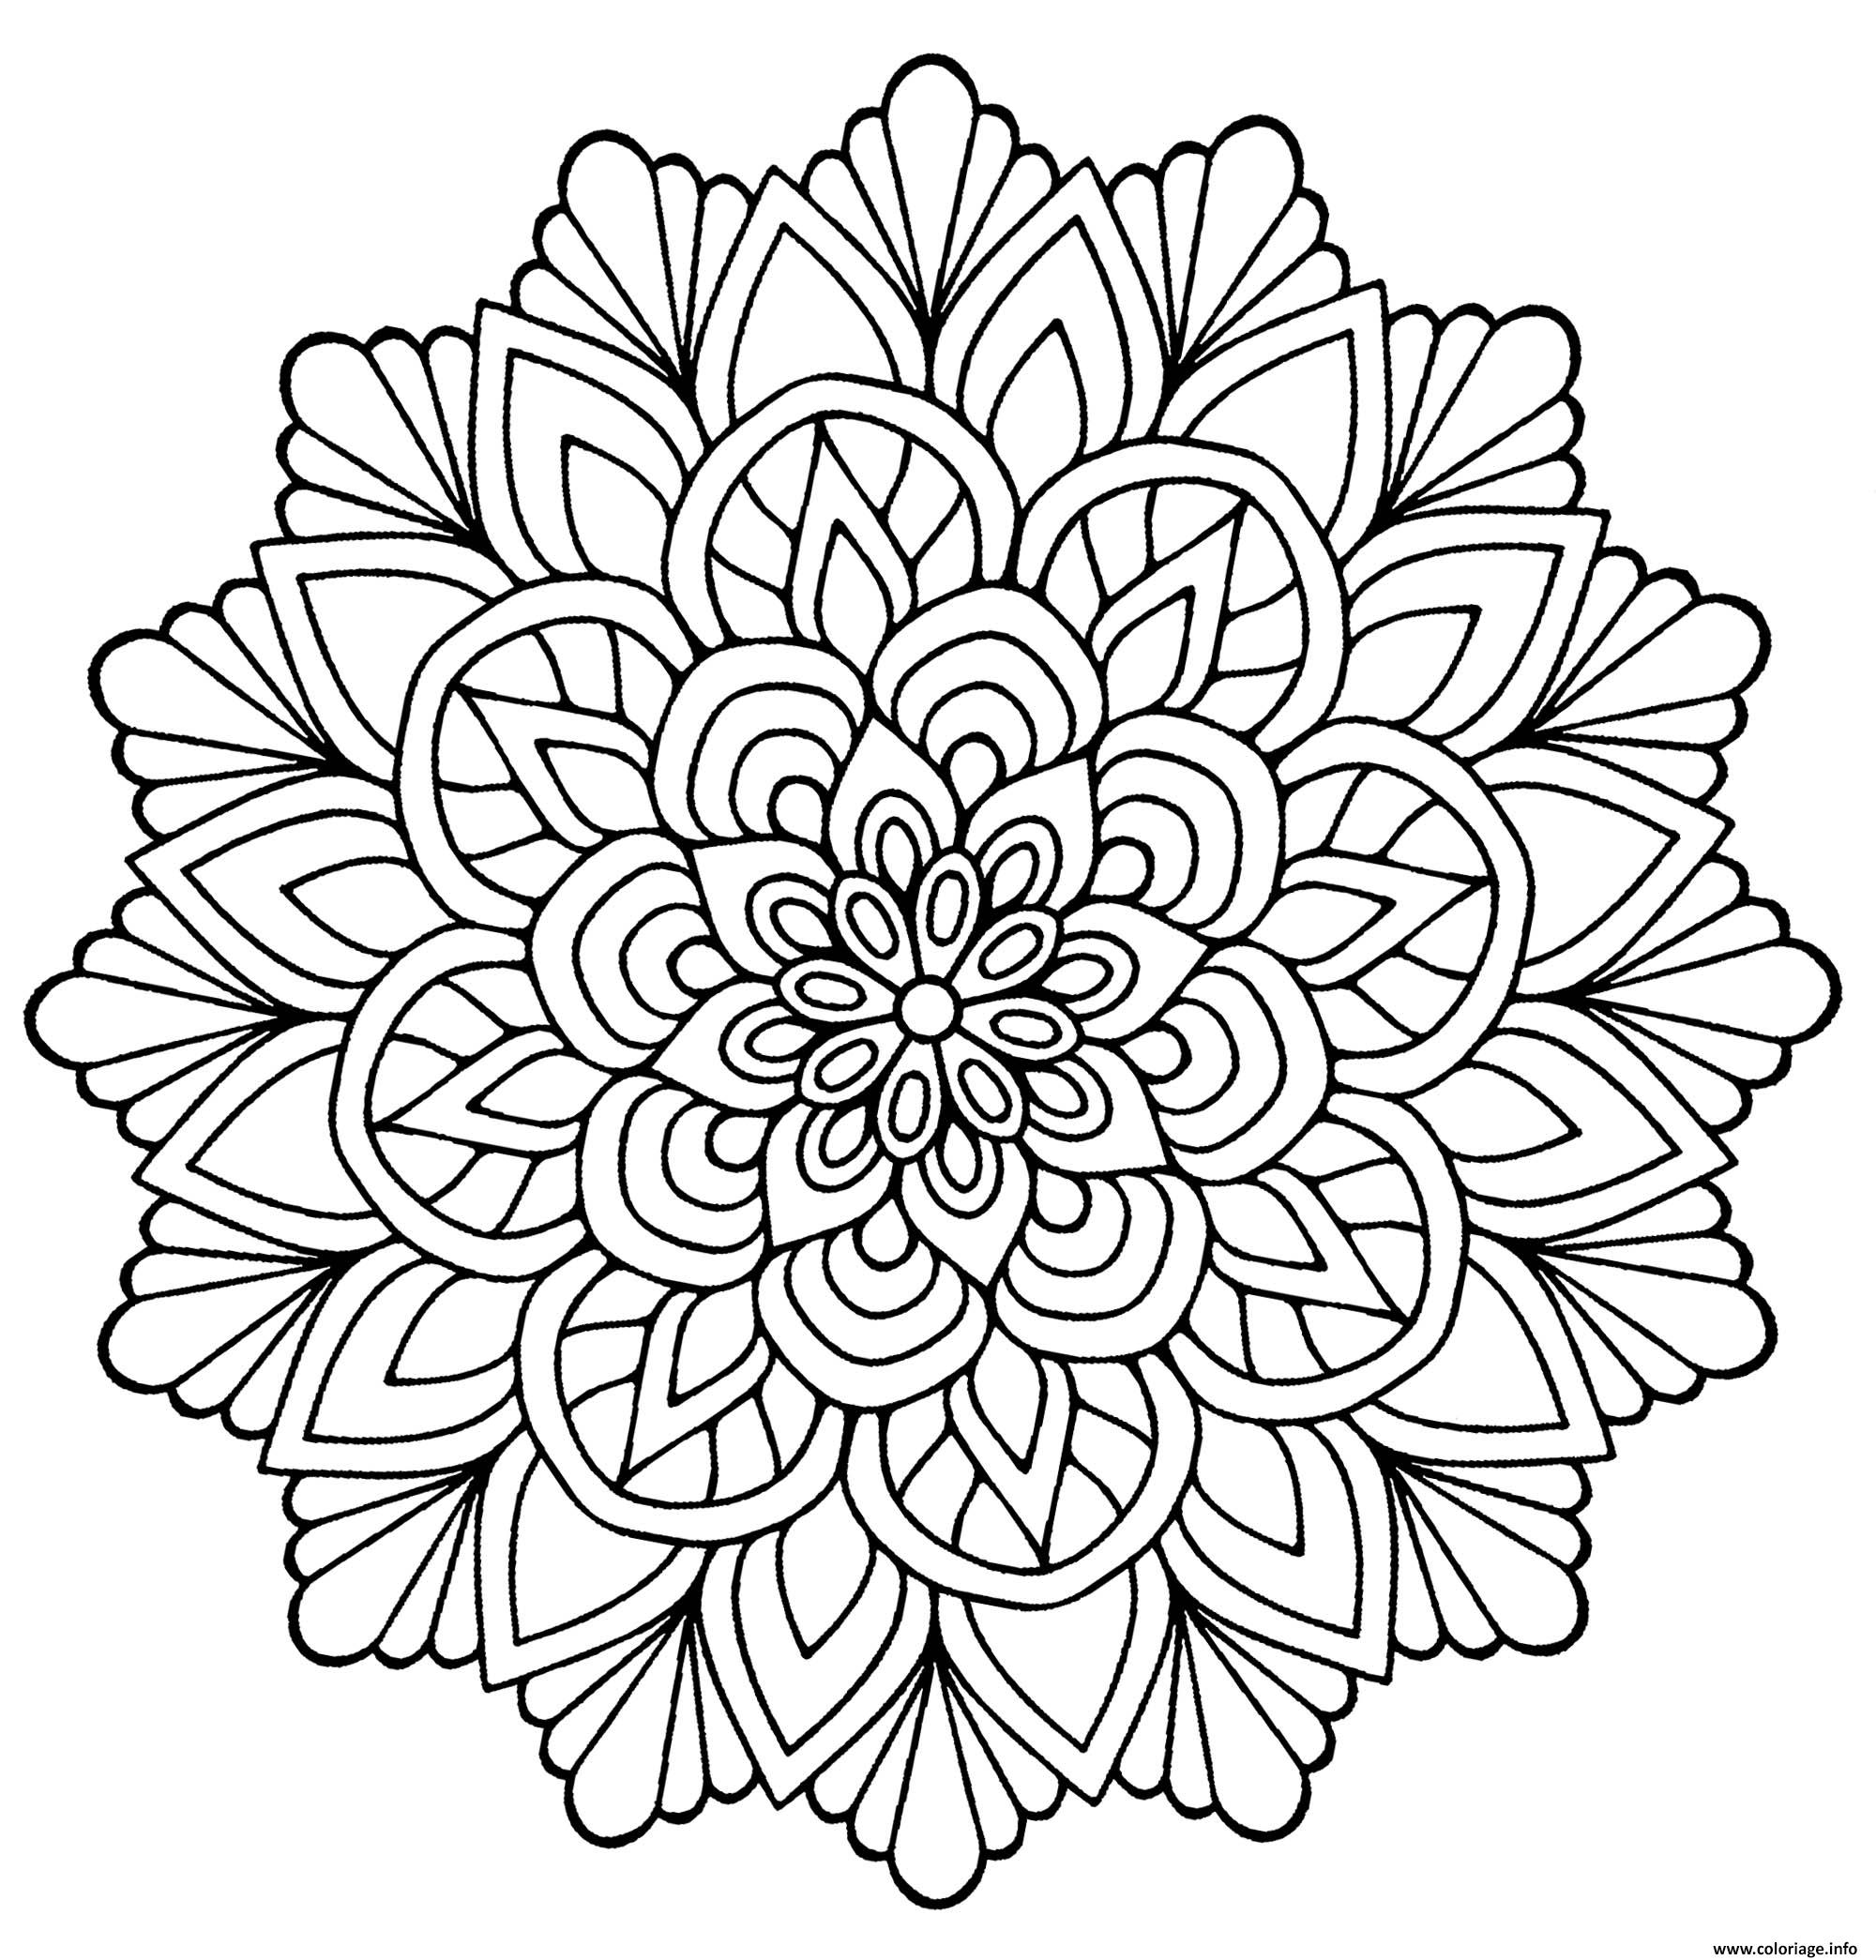 Coloriage mandala fleur avec feuilles dessin - Coloriages mandalas fleurs ...